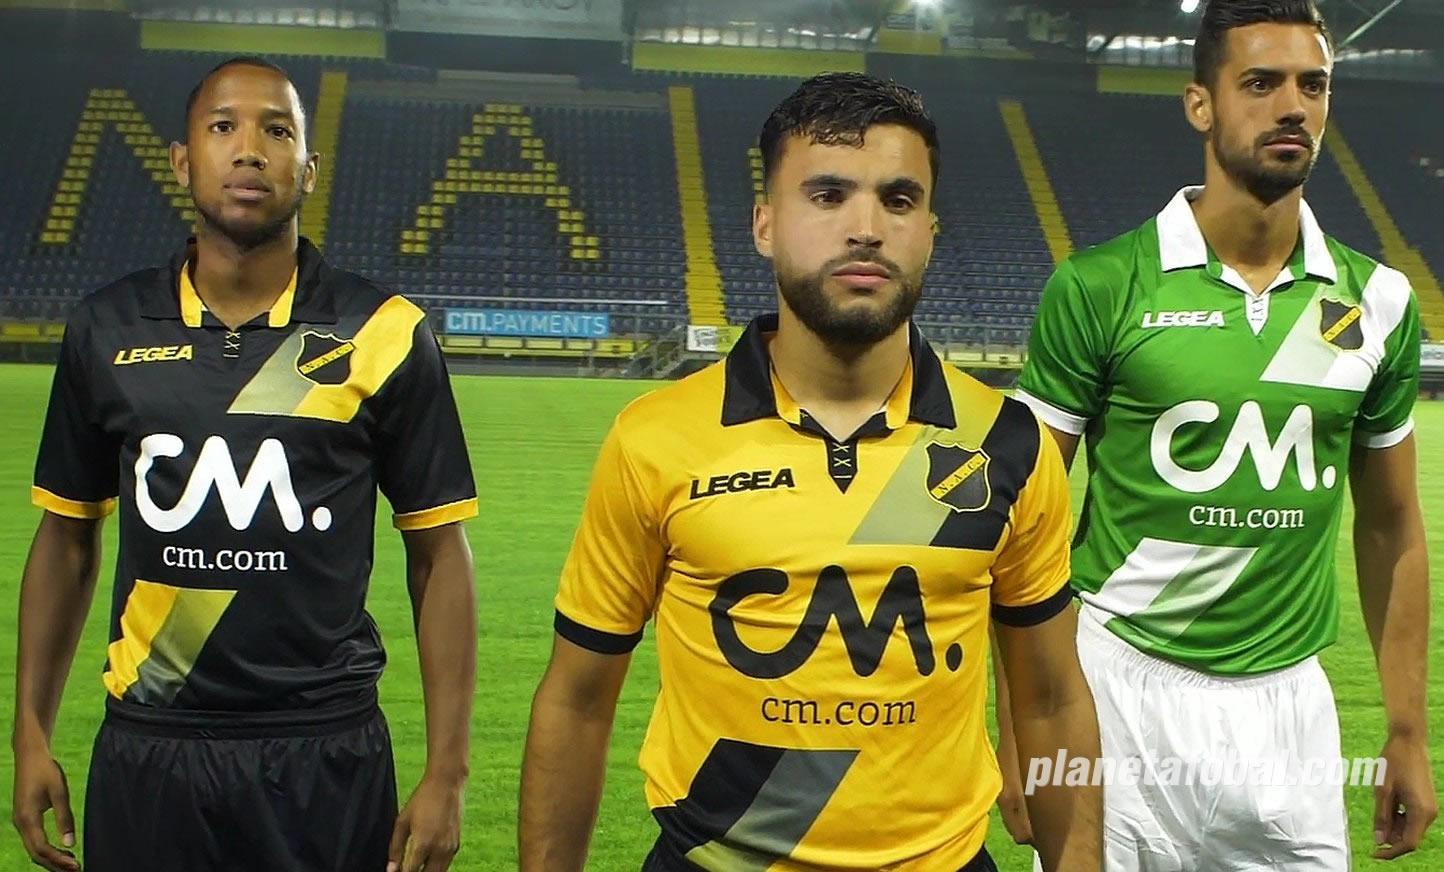 Camisetas Legea del NAC Breda